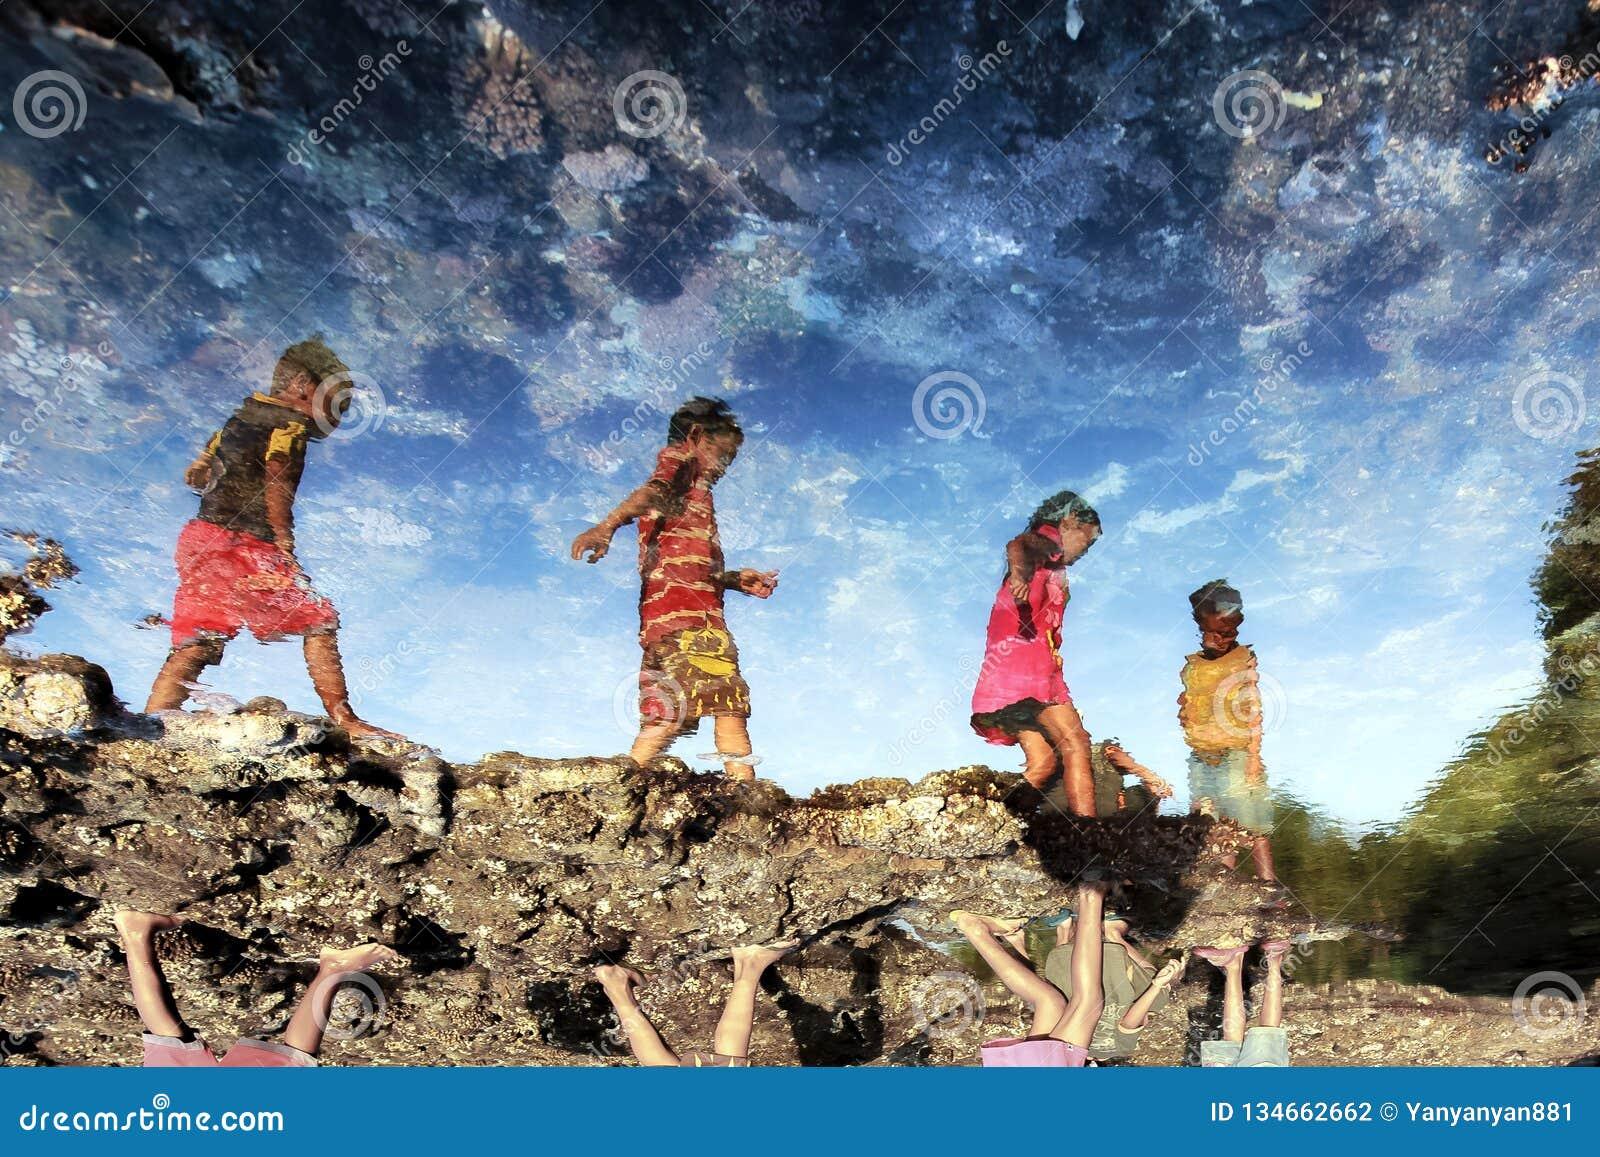 Grupo de juego de niños del país en vías de desarrollo en la playa